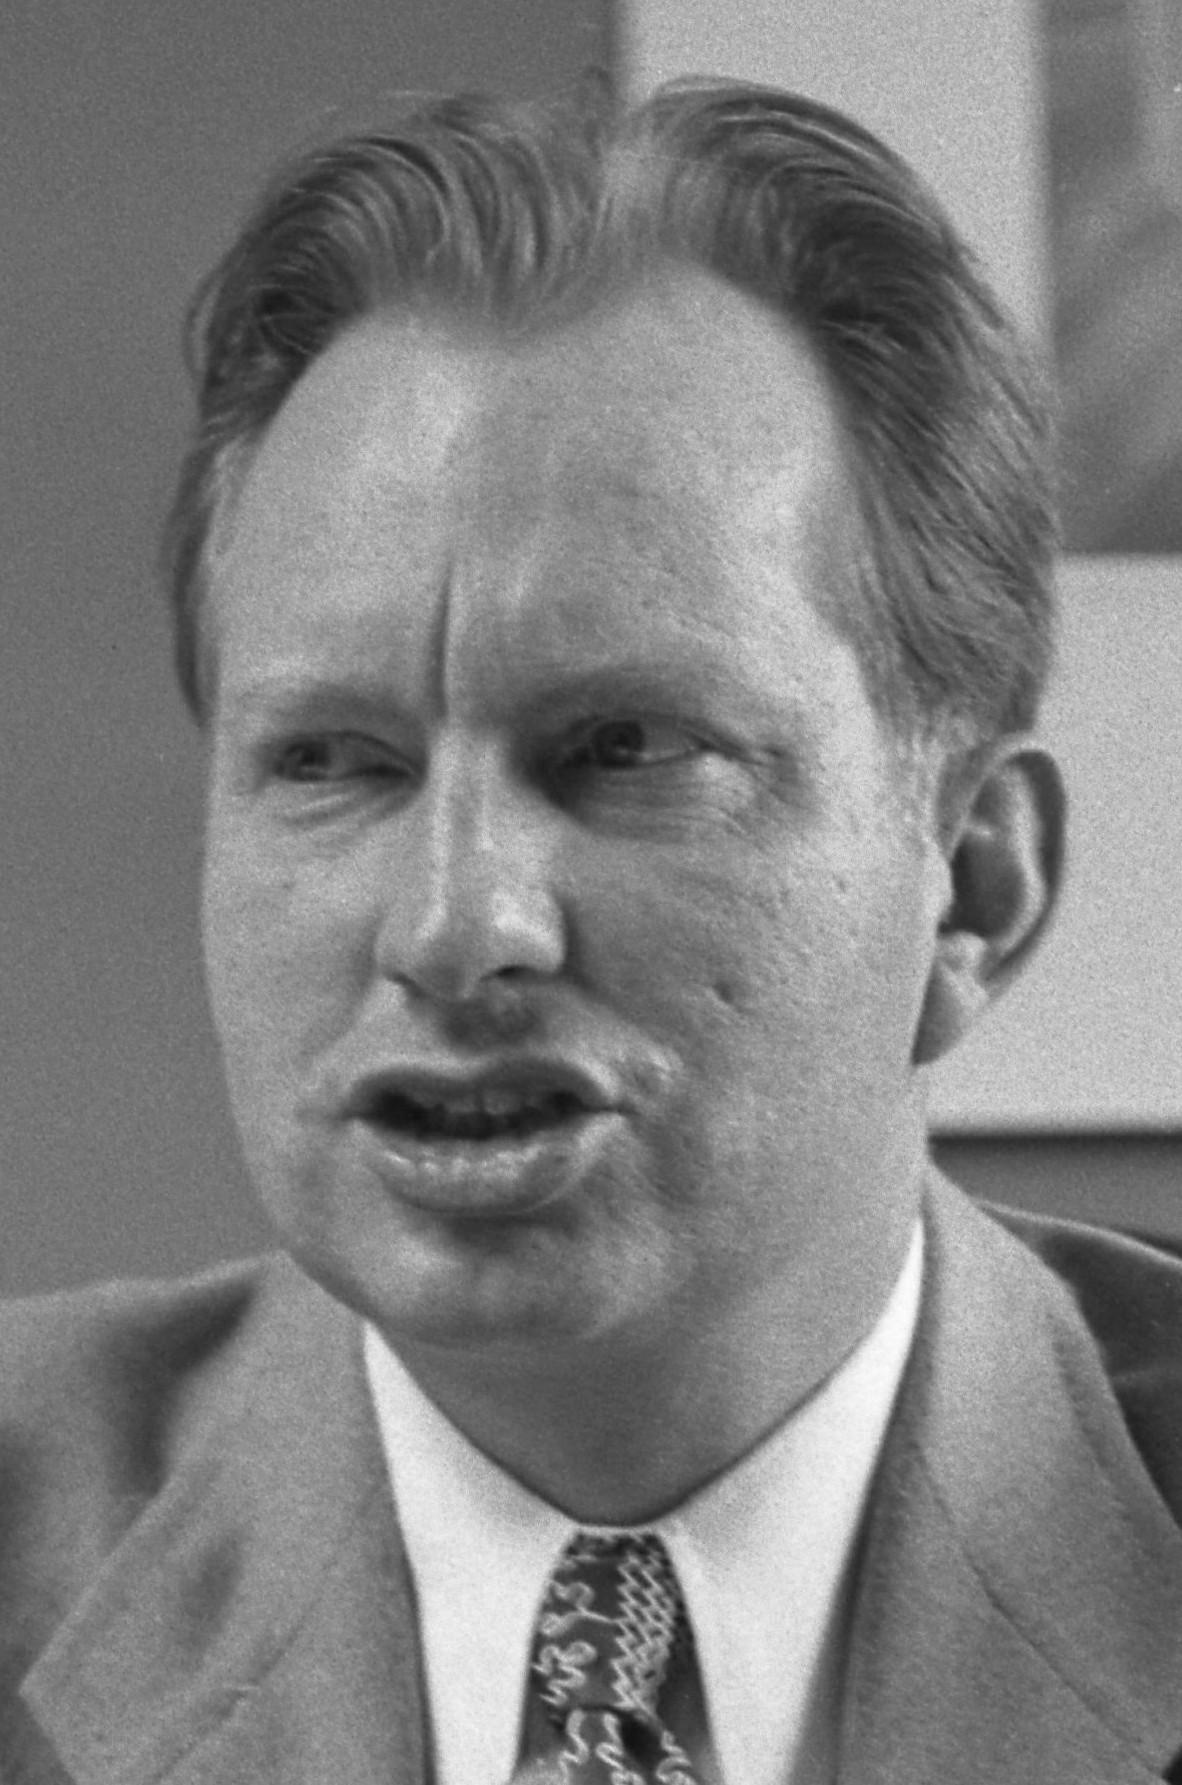 Hubbard in 1950